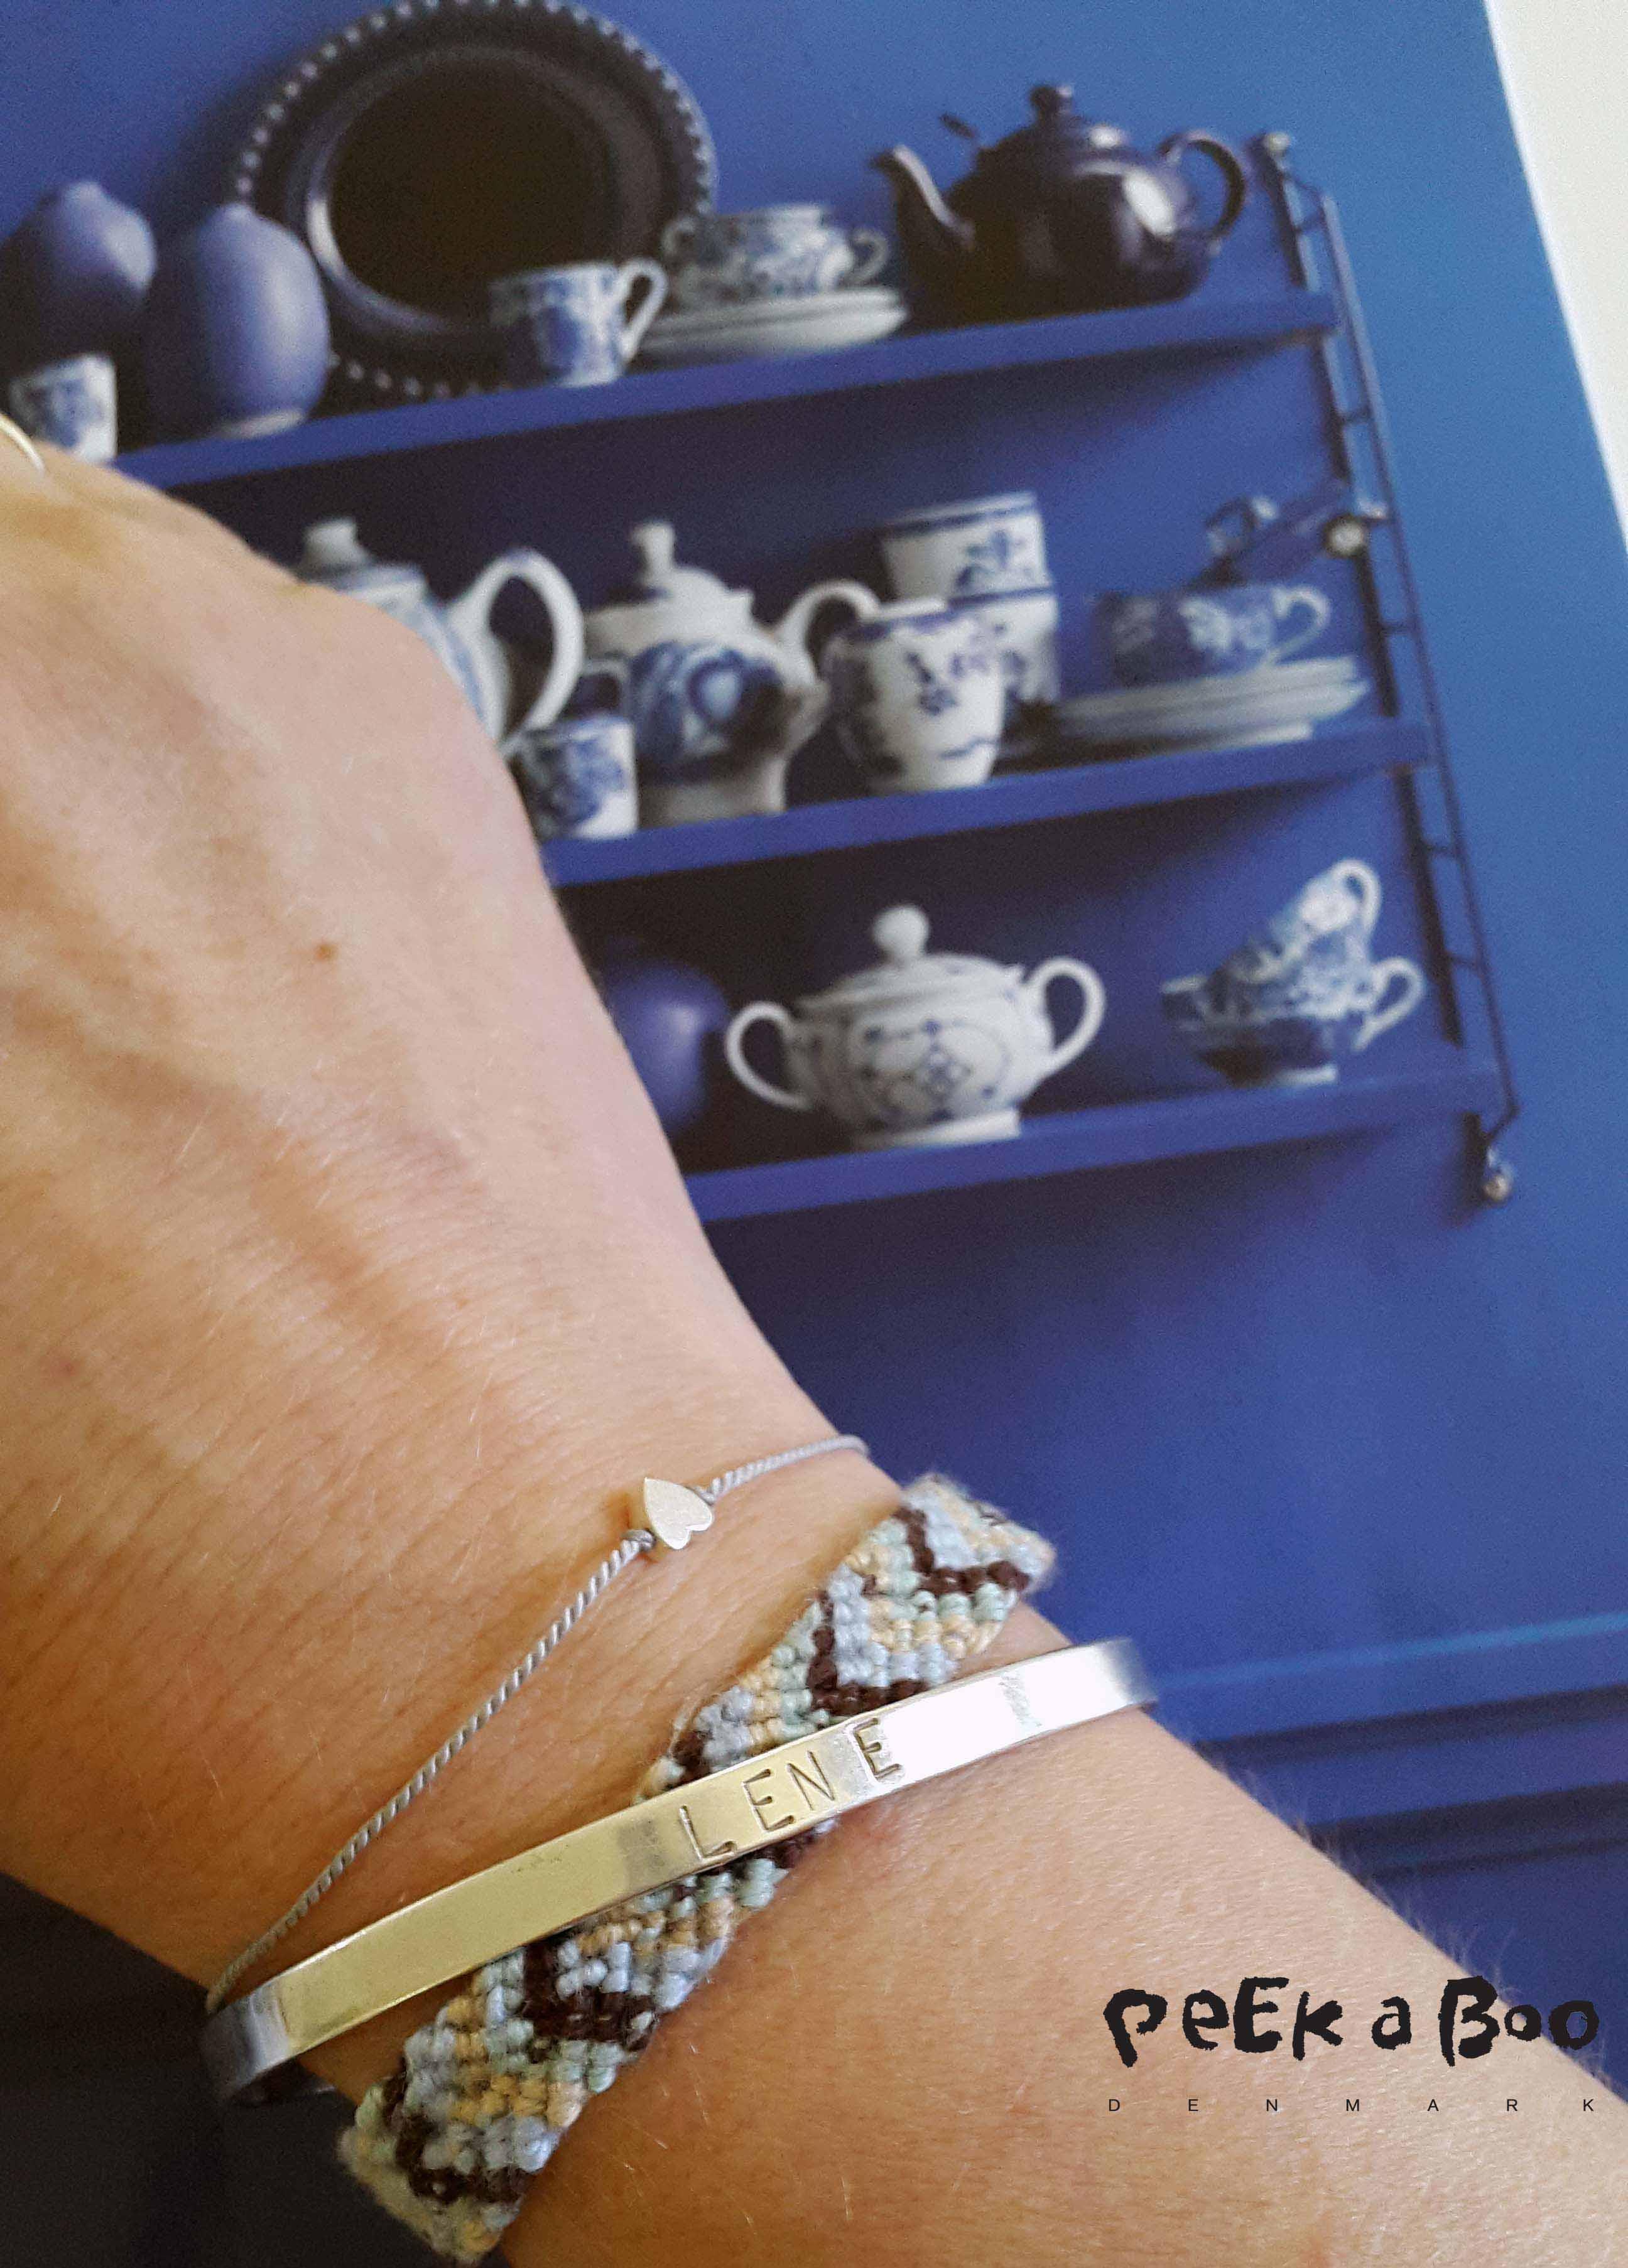 Knyttet venskabsarmbånd i selskab med Heart bracelet fra Pønt og navne bøjle armbånd fra Me & Audrey, begge nogle af Danmarks virkelig dygtige smykke designere.